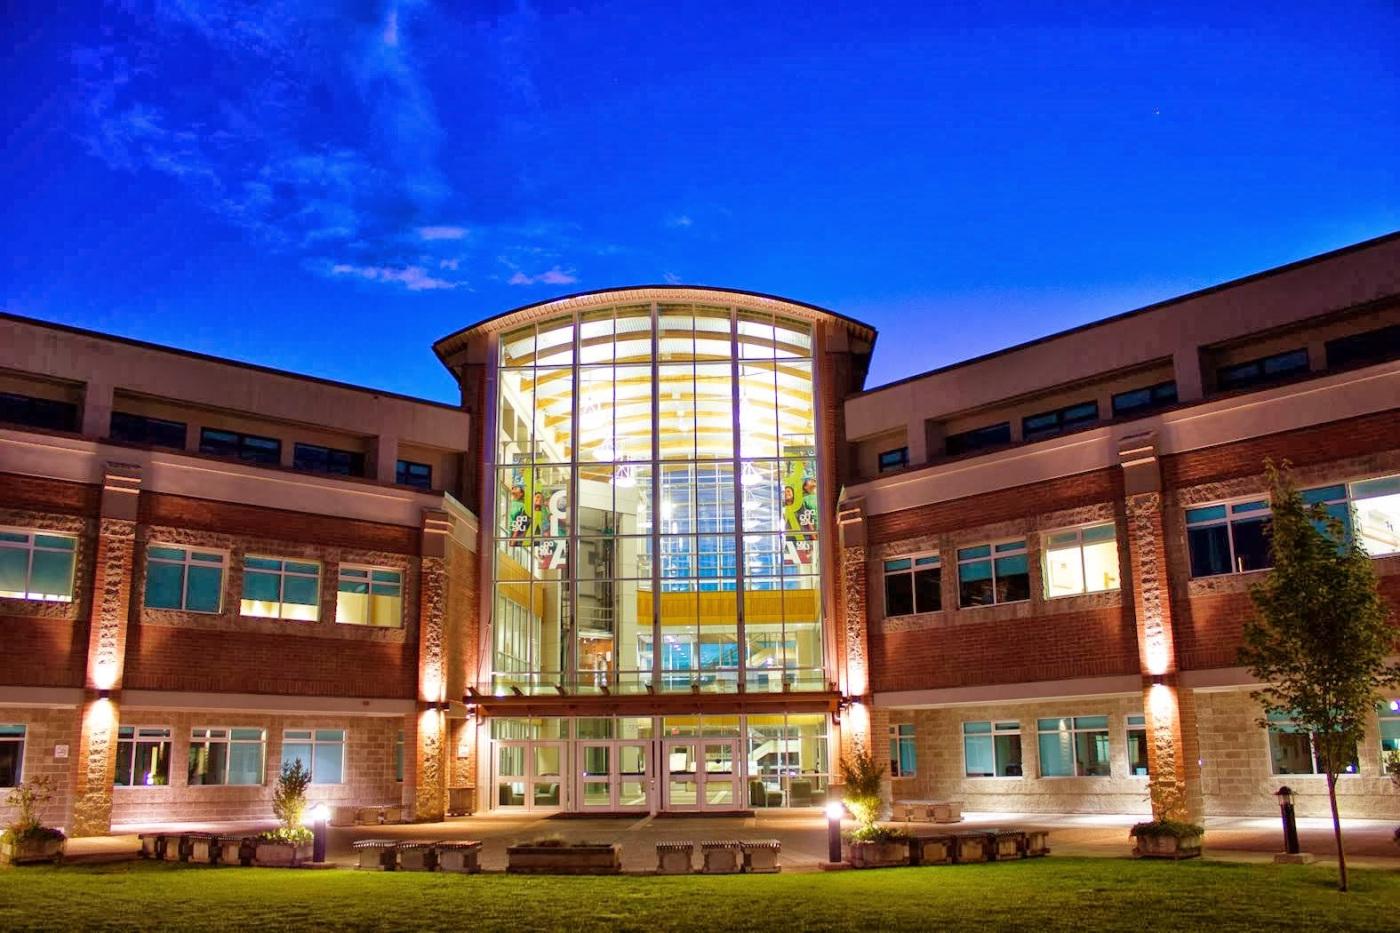 【 加拿大 】 最新 Douglas College 道格拉斯學院 課程資訊